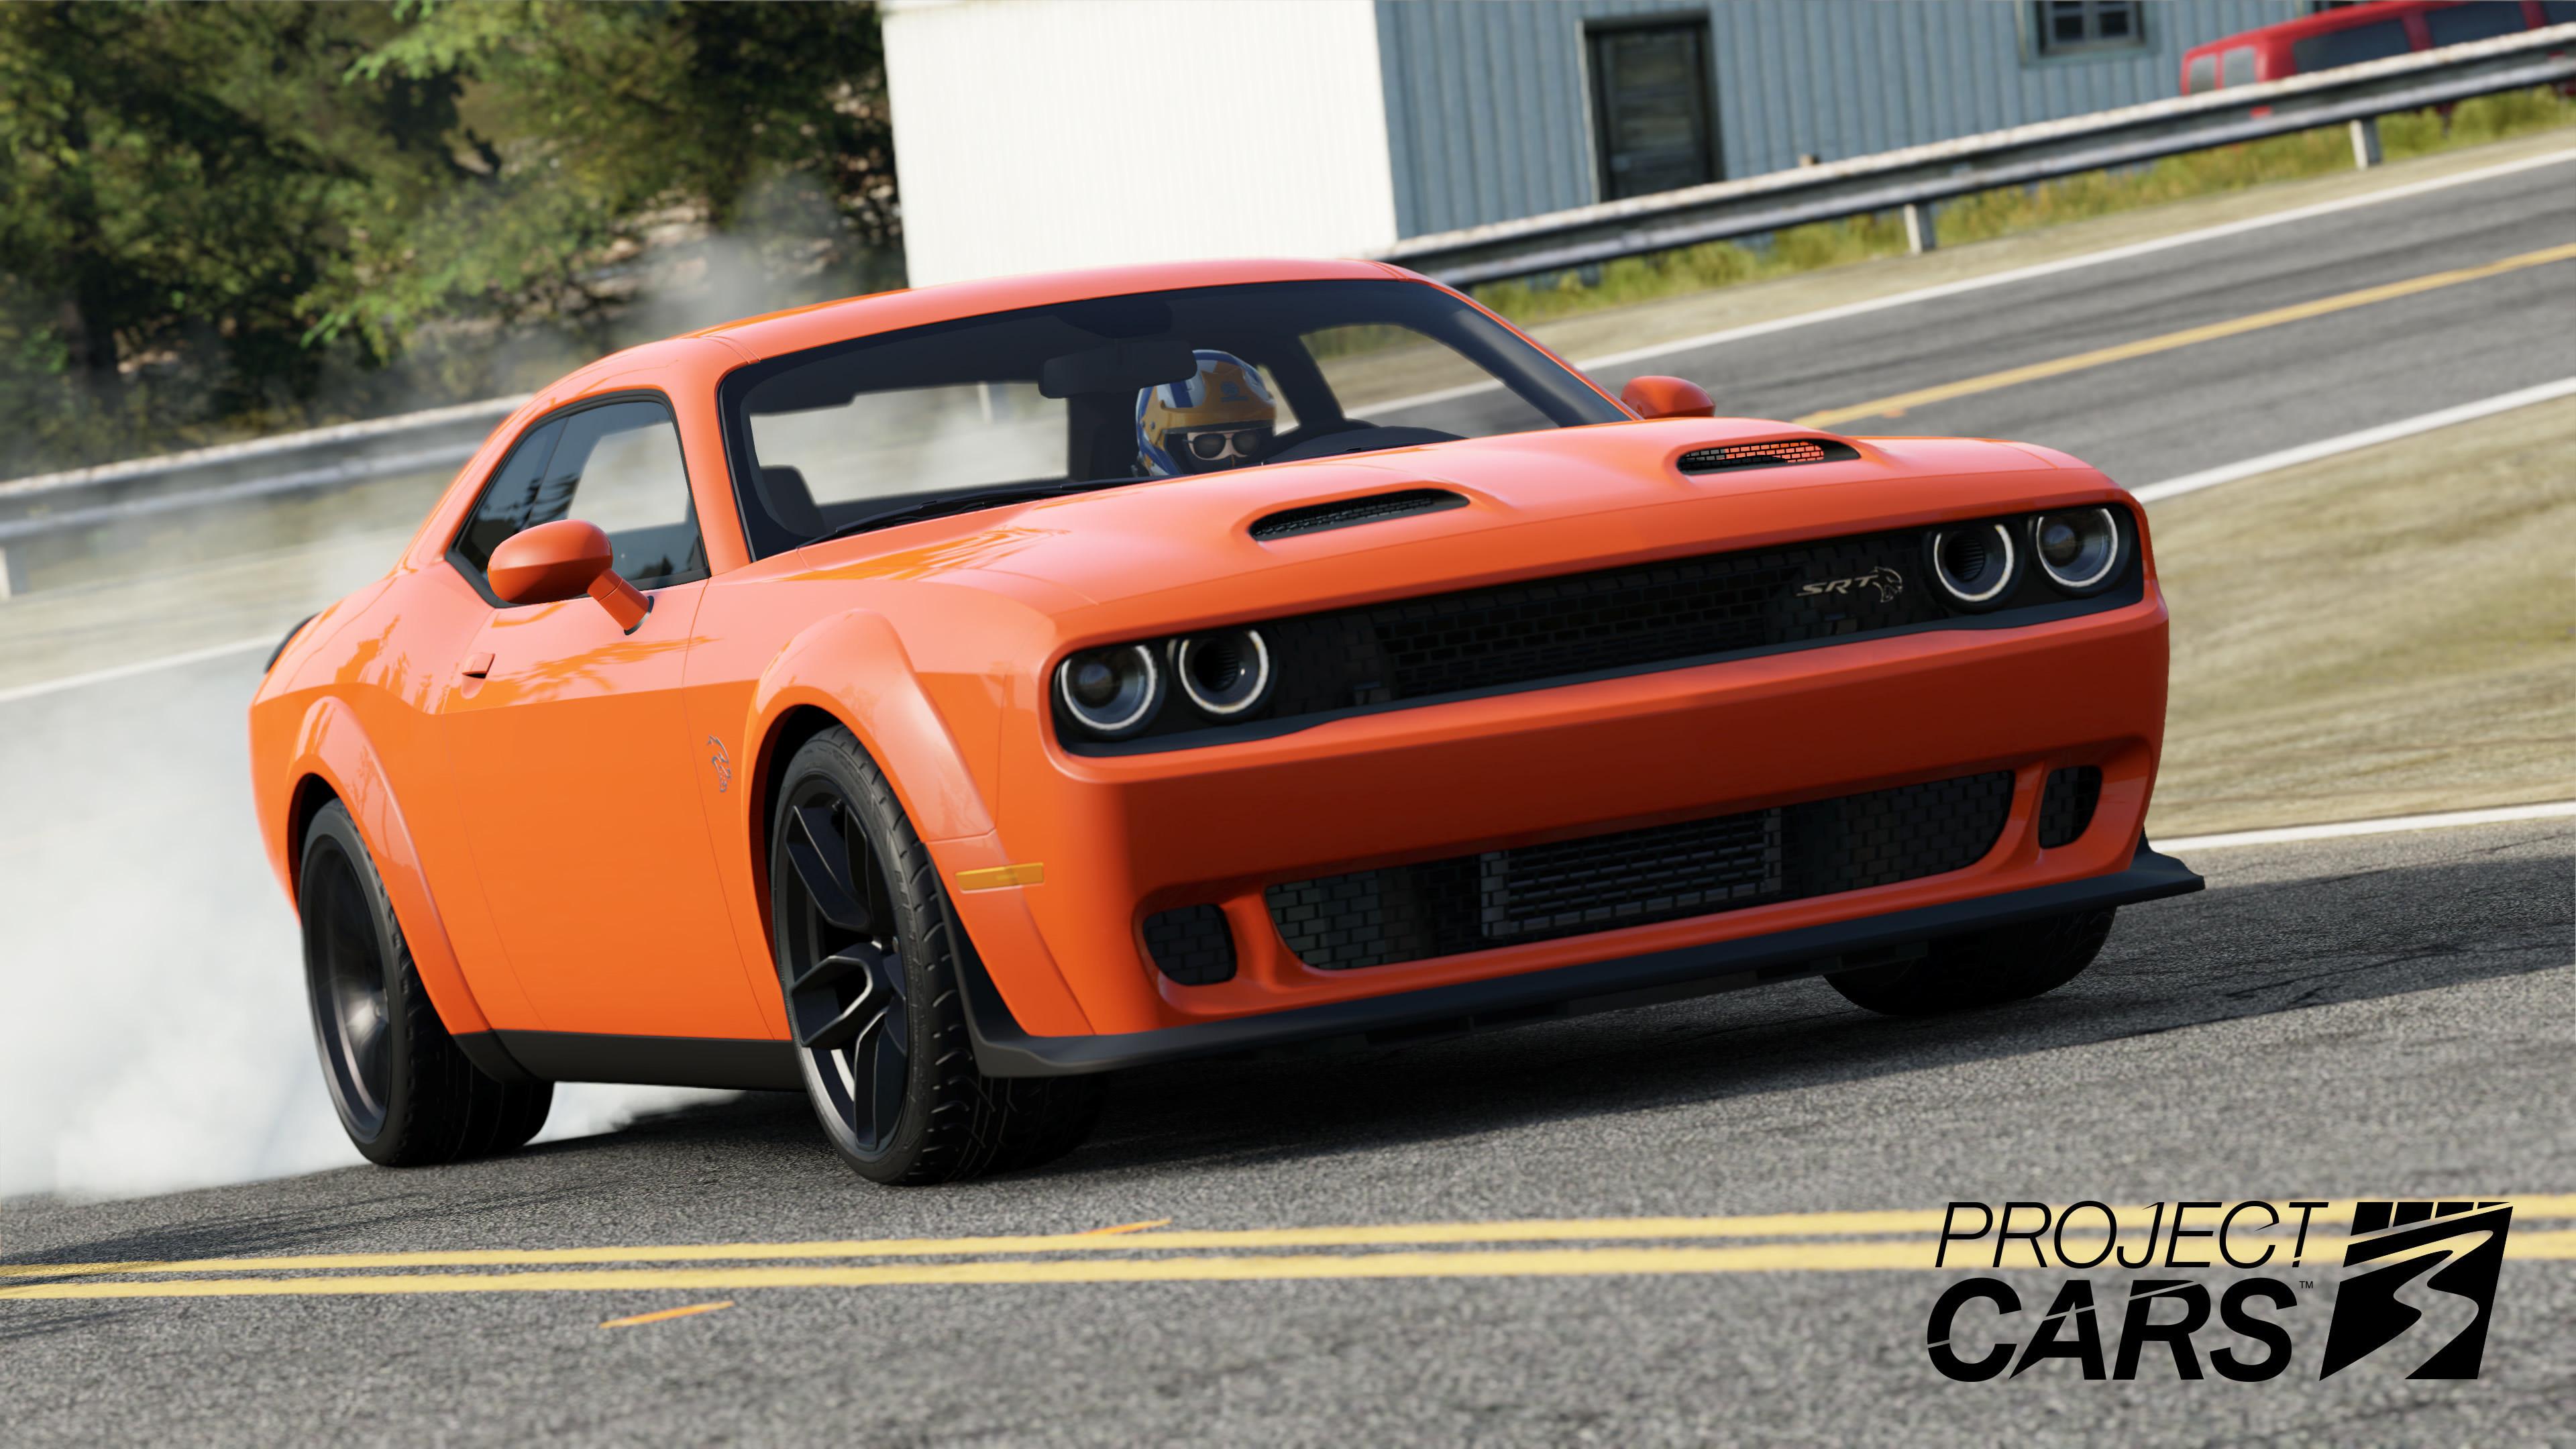 سی دی کی اریجینال استیم بازی Project CARS 3